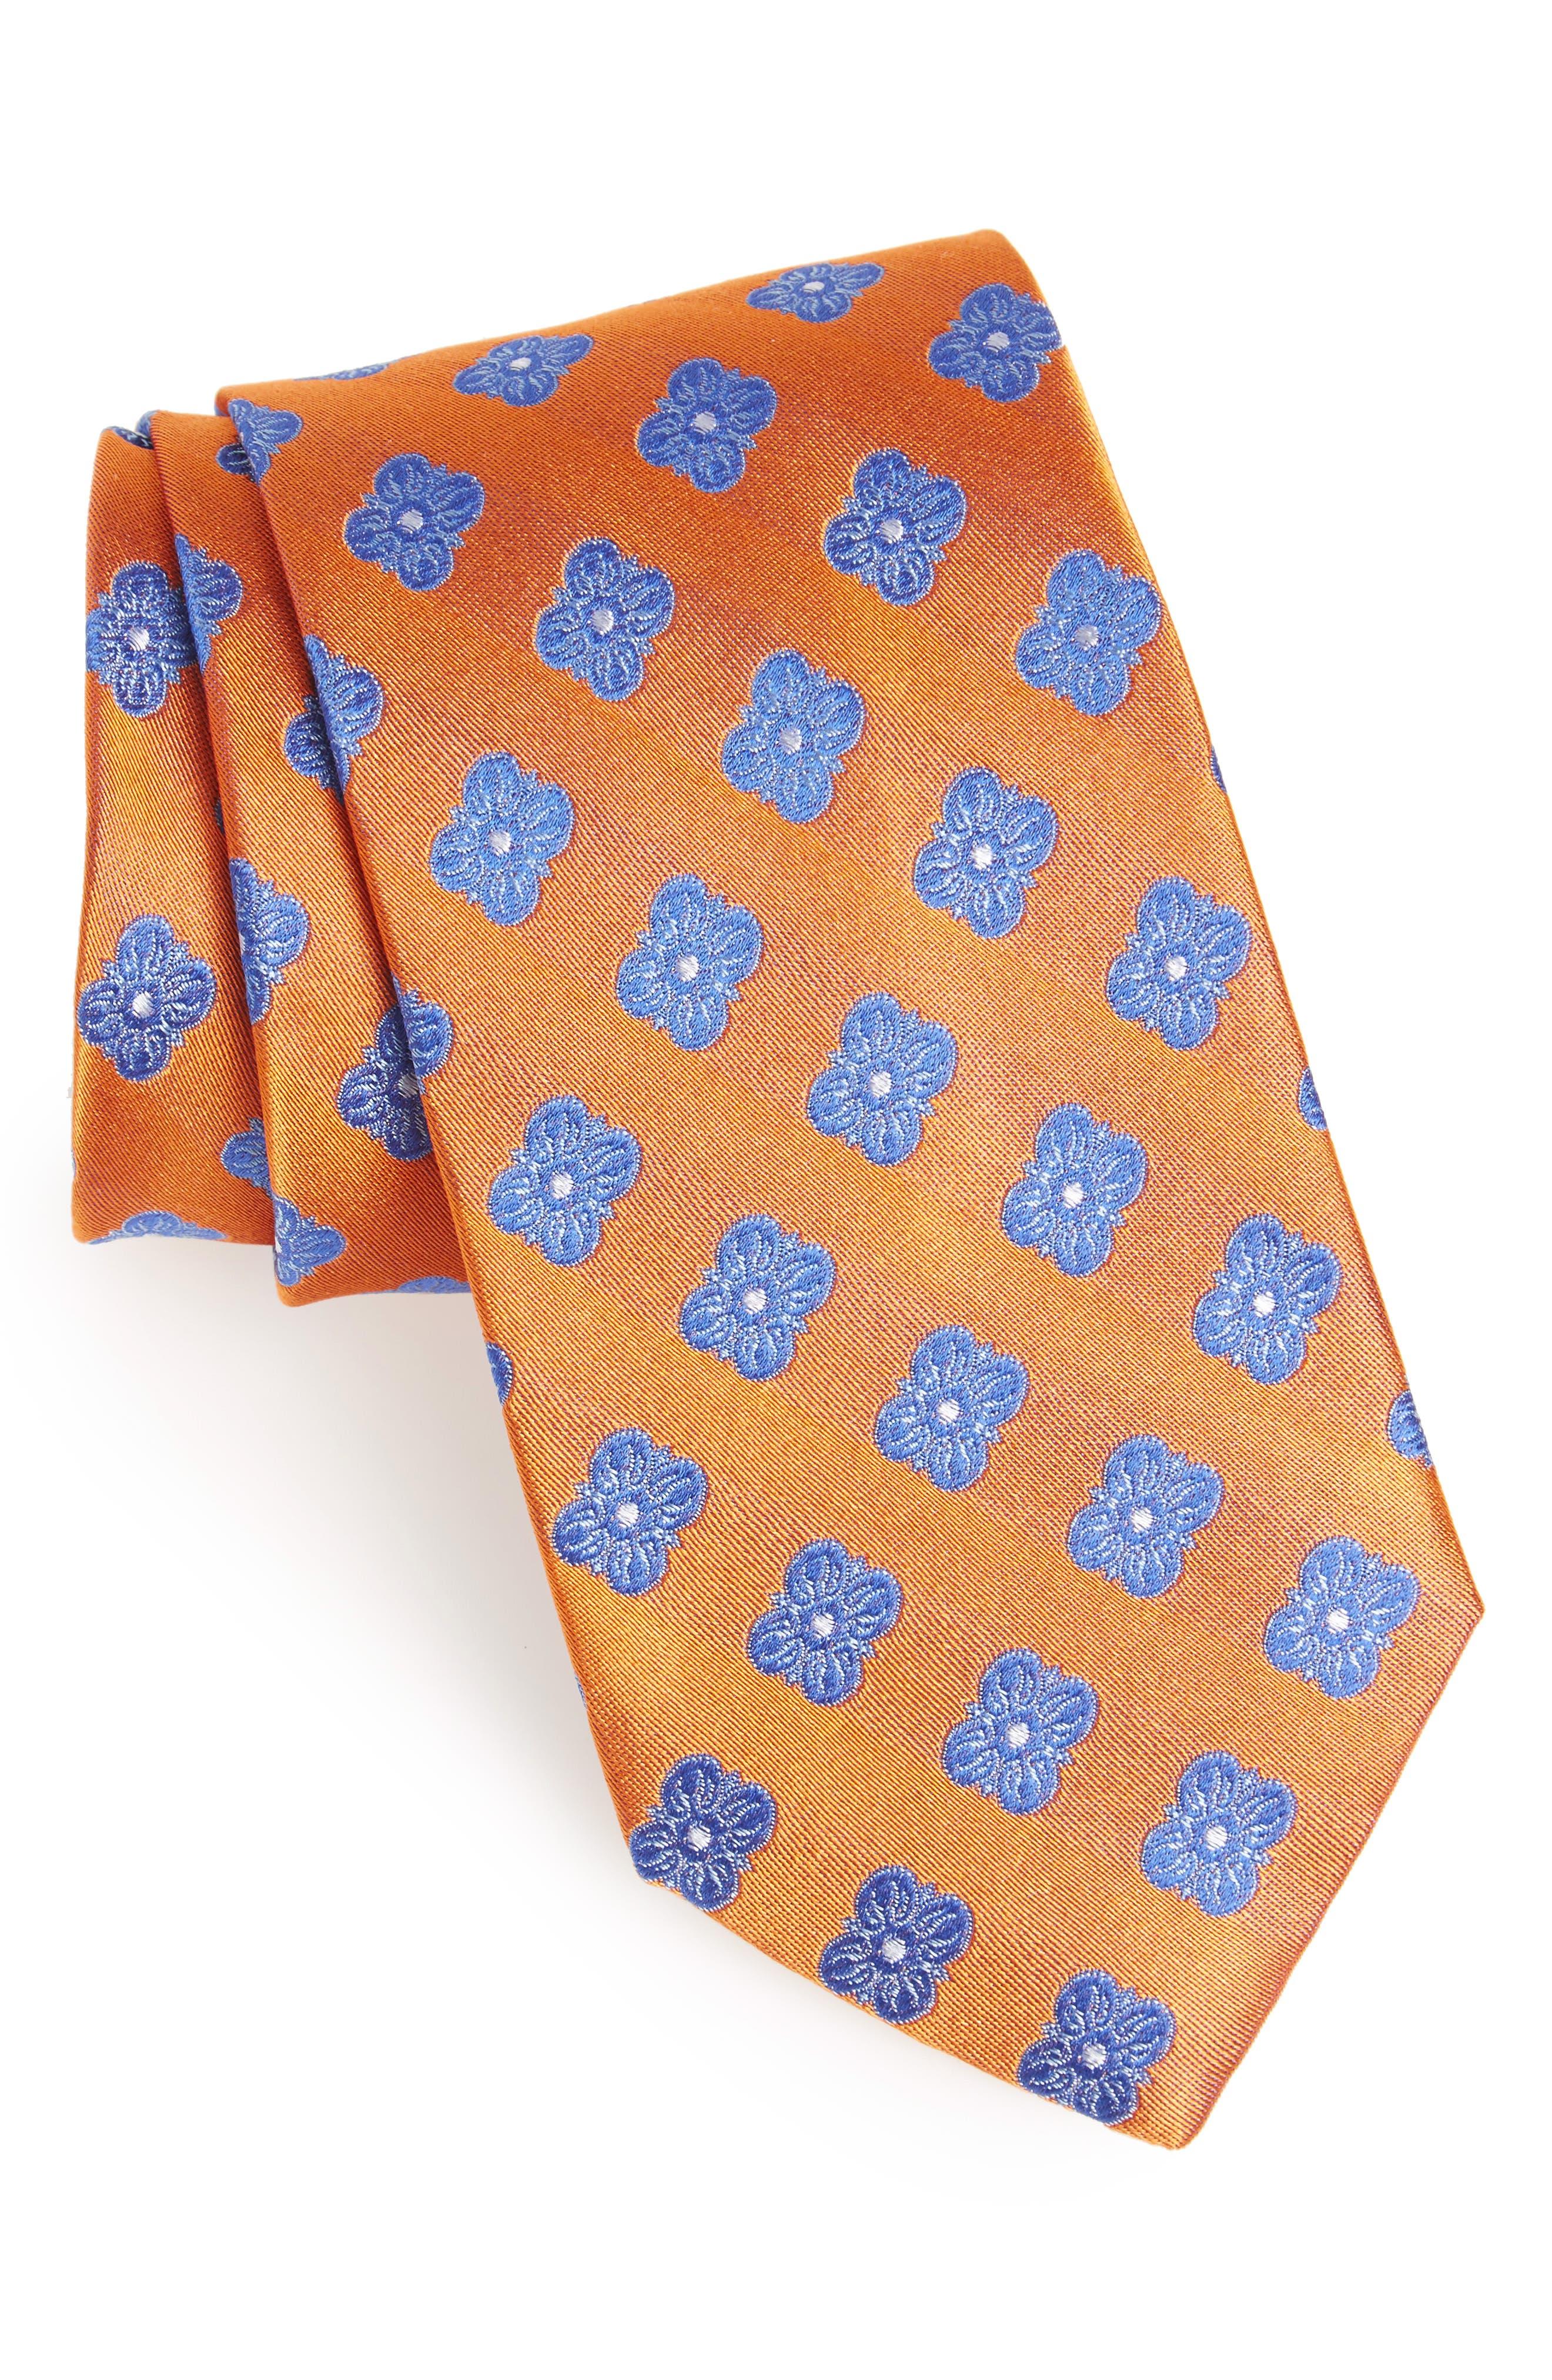 Cameron Floral Medallion Silk Tie,                         Main,                         color, Orange